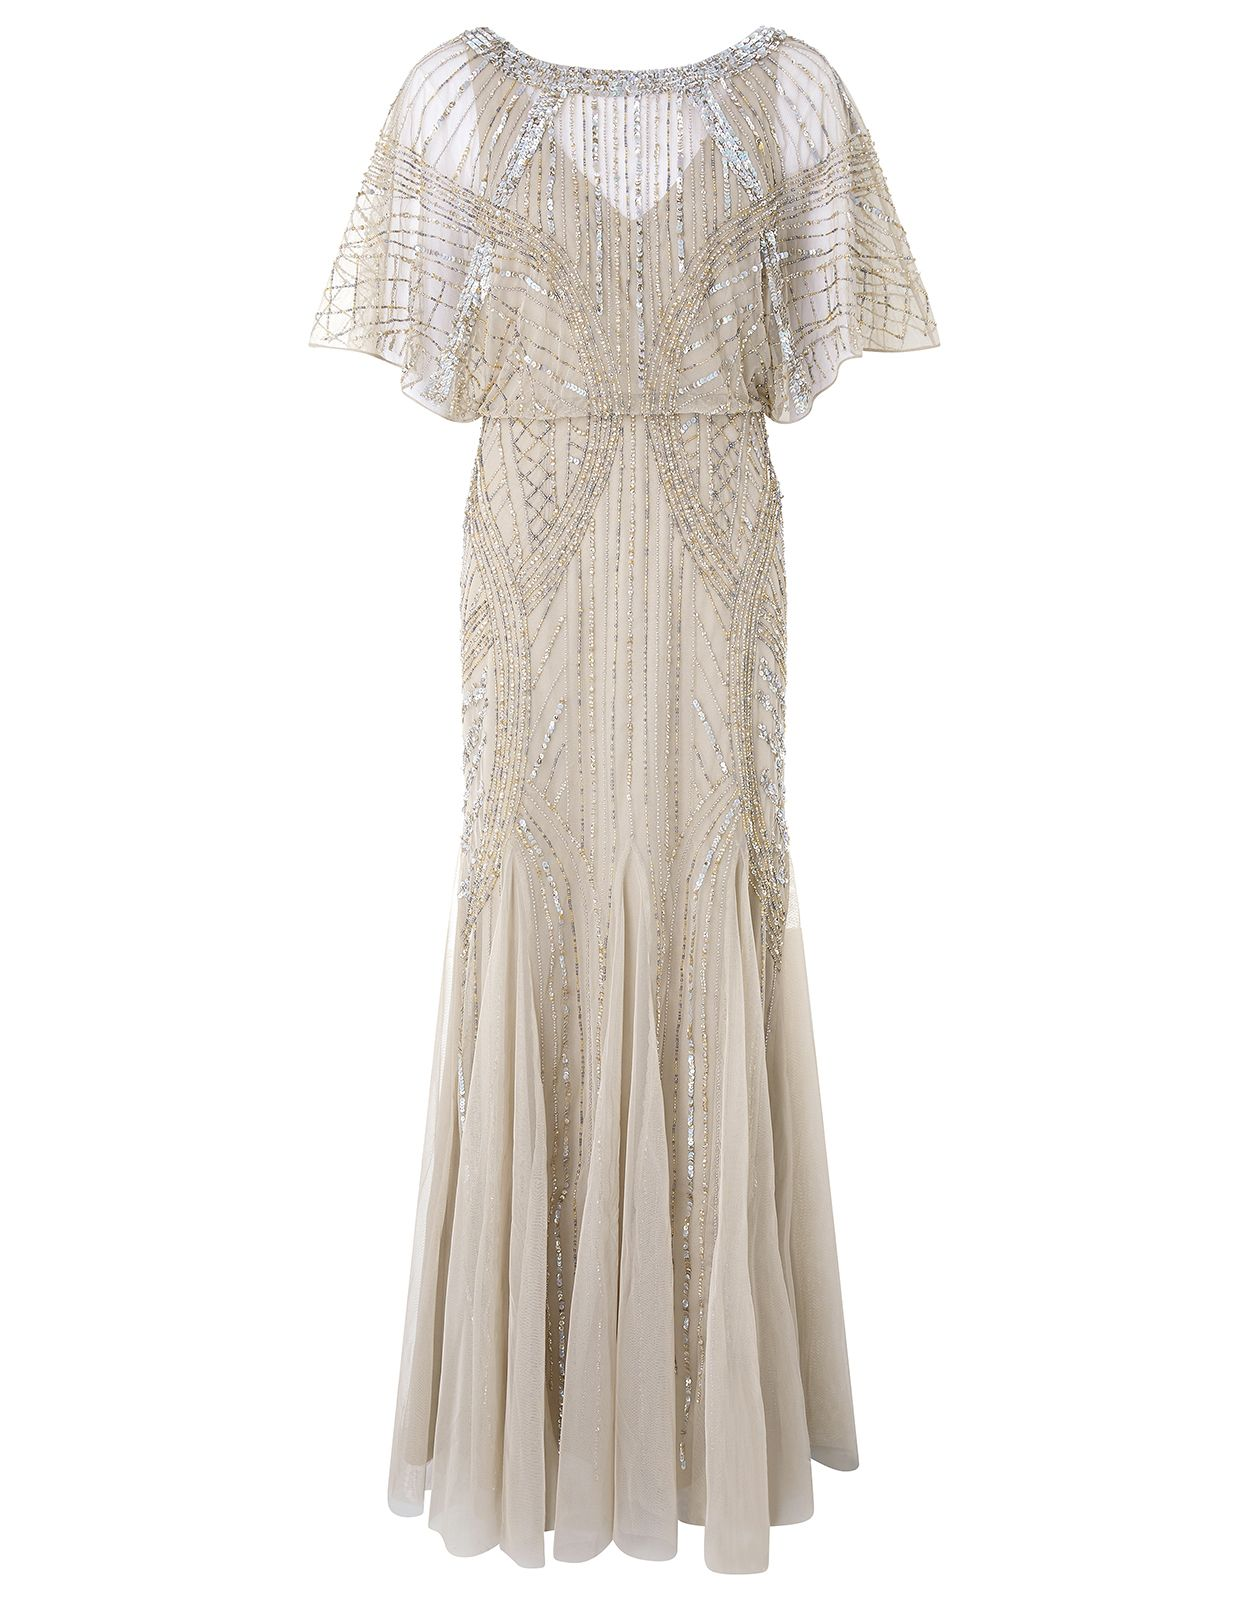 Monsoon   Skylar Embellished Maxi Dress   Grey   UK 12 US